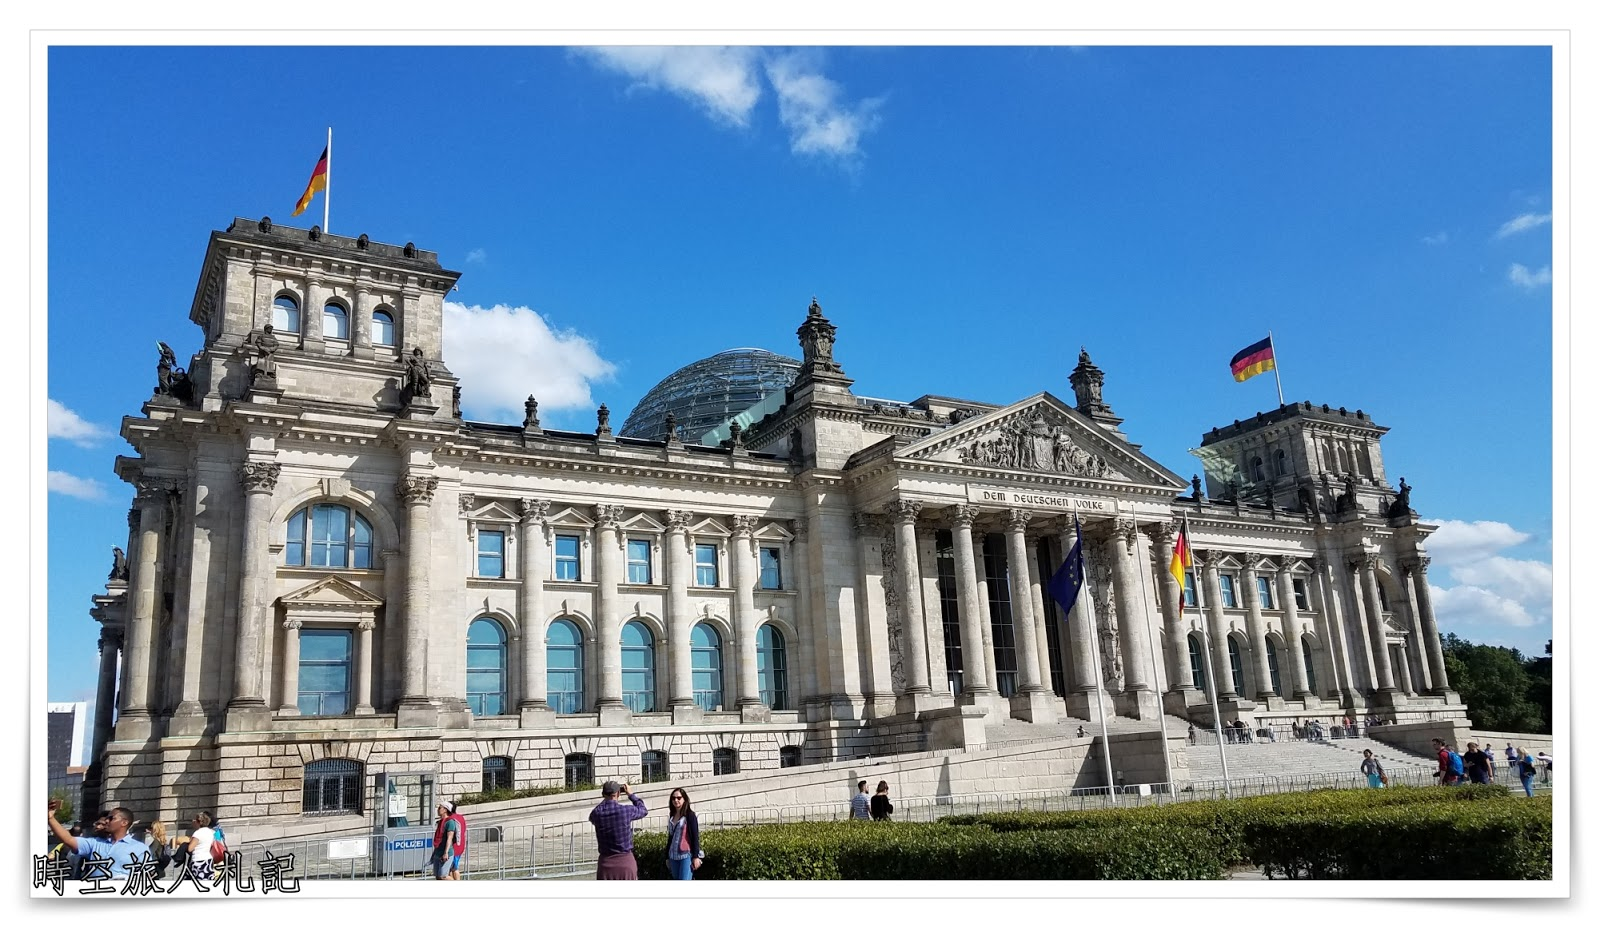 柏林景點(Part 2): 御林廣場、布蘭登堡門、國會大廈、勝利紀念柱